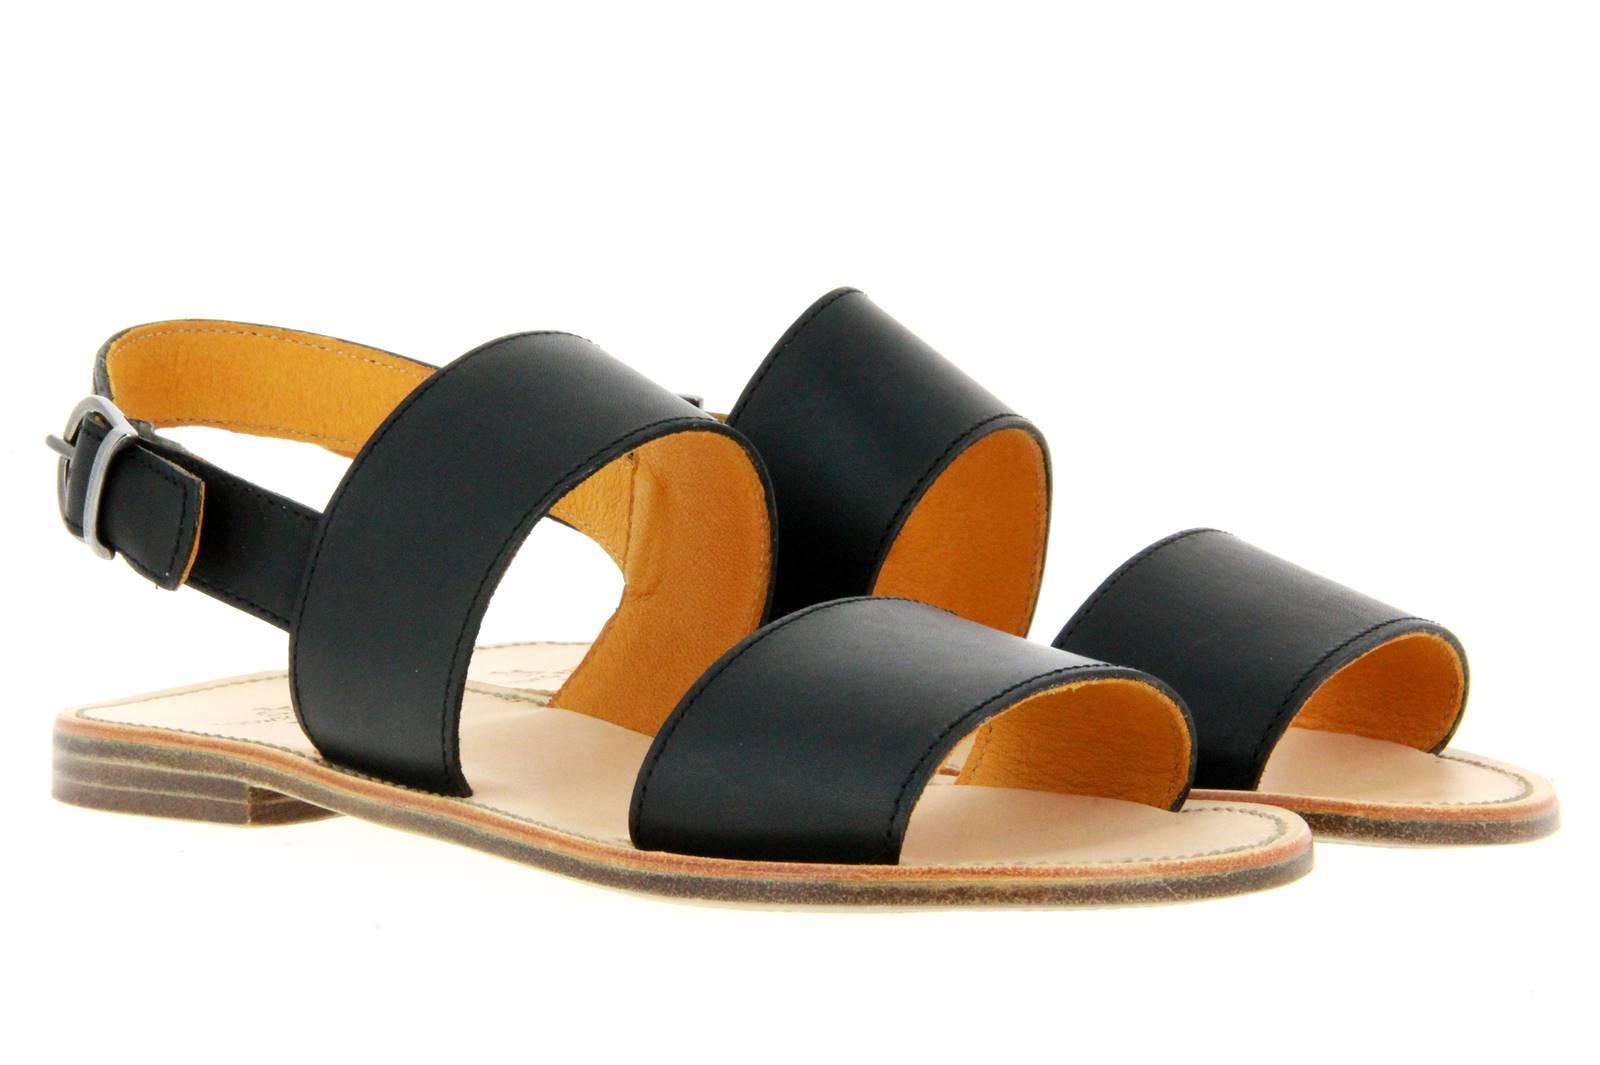 Ludwig Reiter strap sandal JUCHTENLEDER SCHWARZ